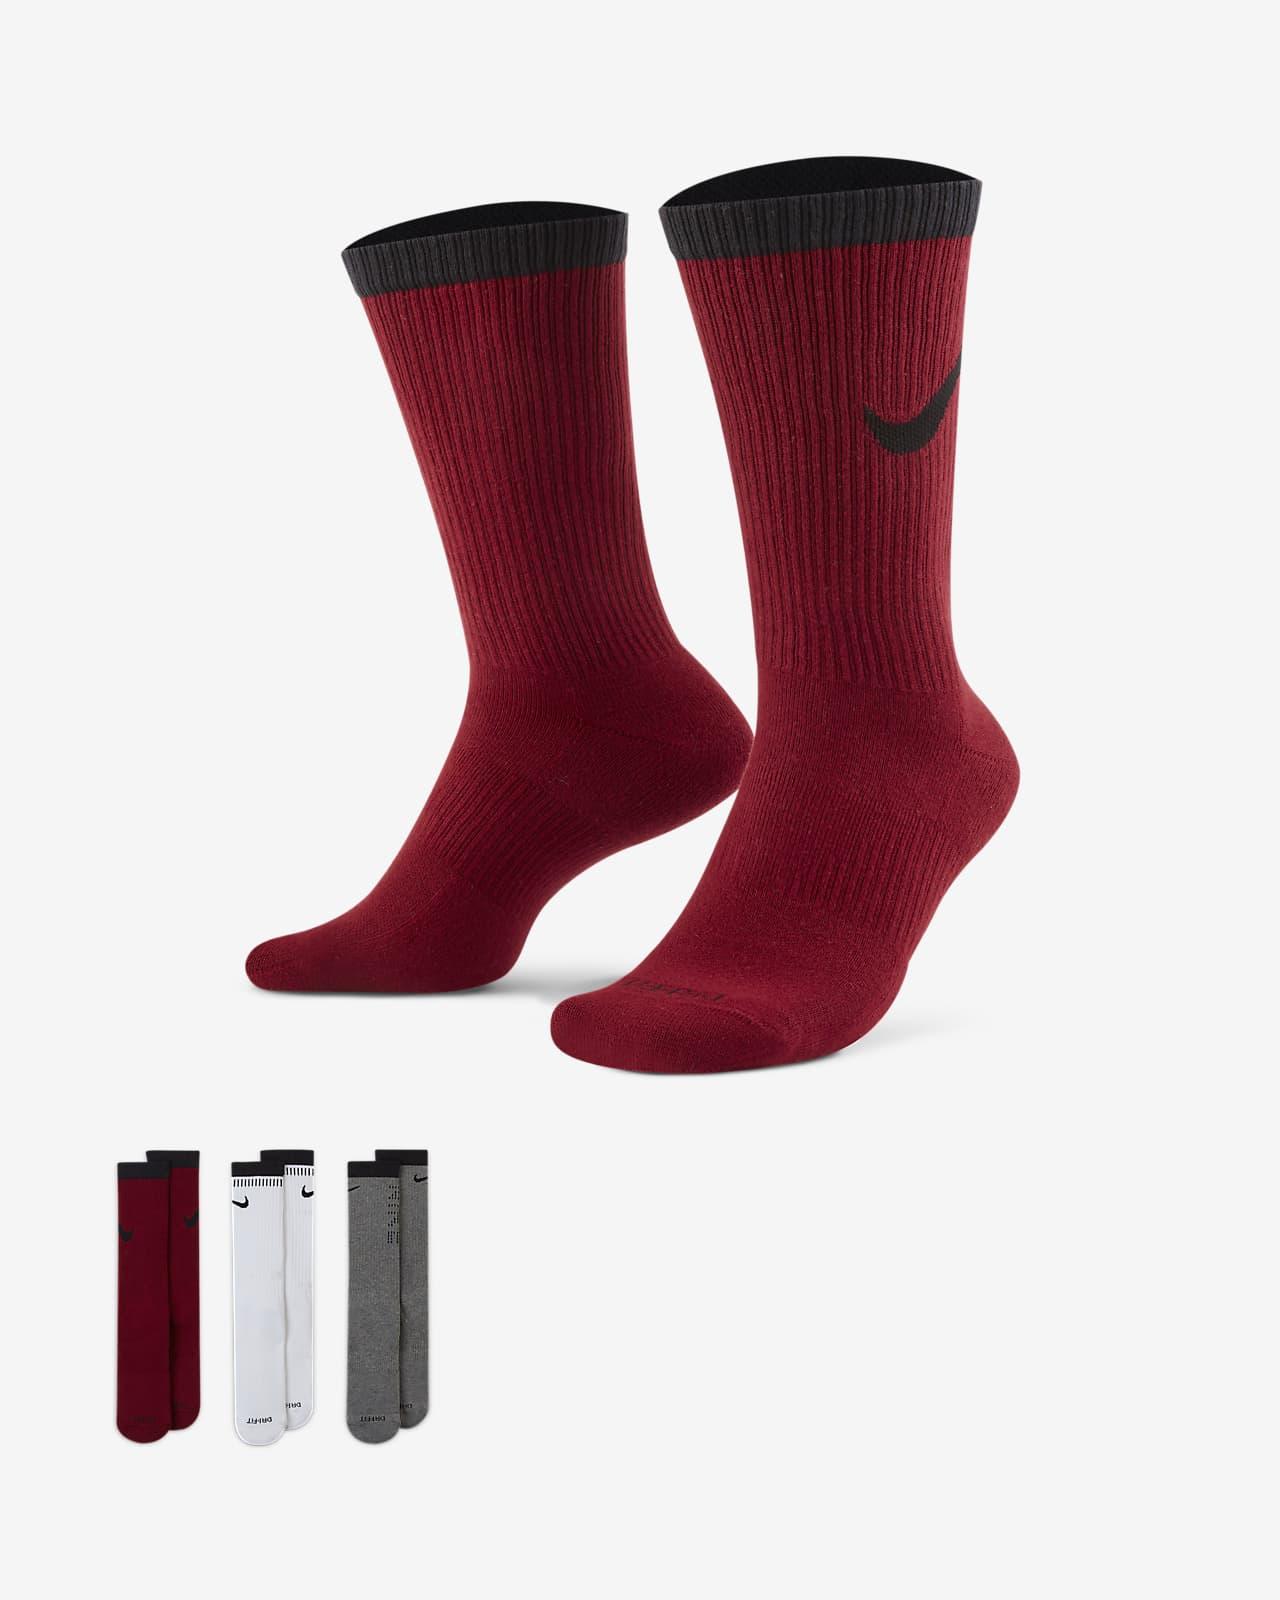 Calcetines largos de entrenamiento Nike Everyday Plus Cushioned (3 pares)